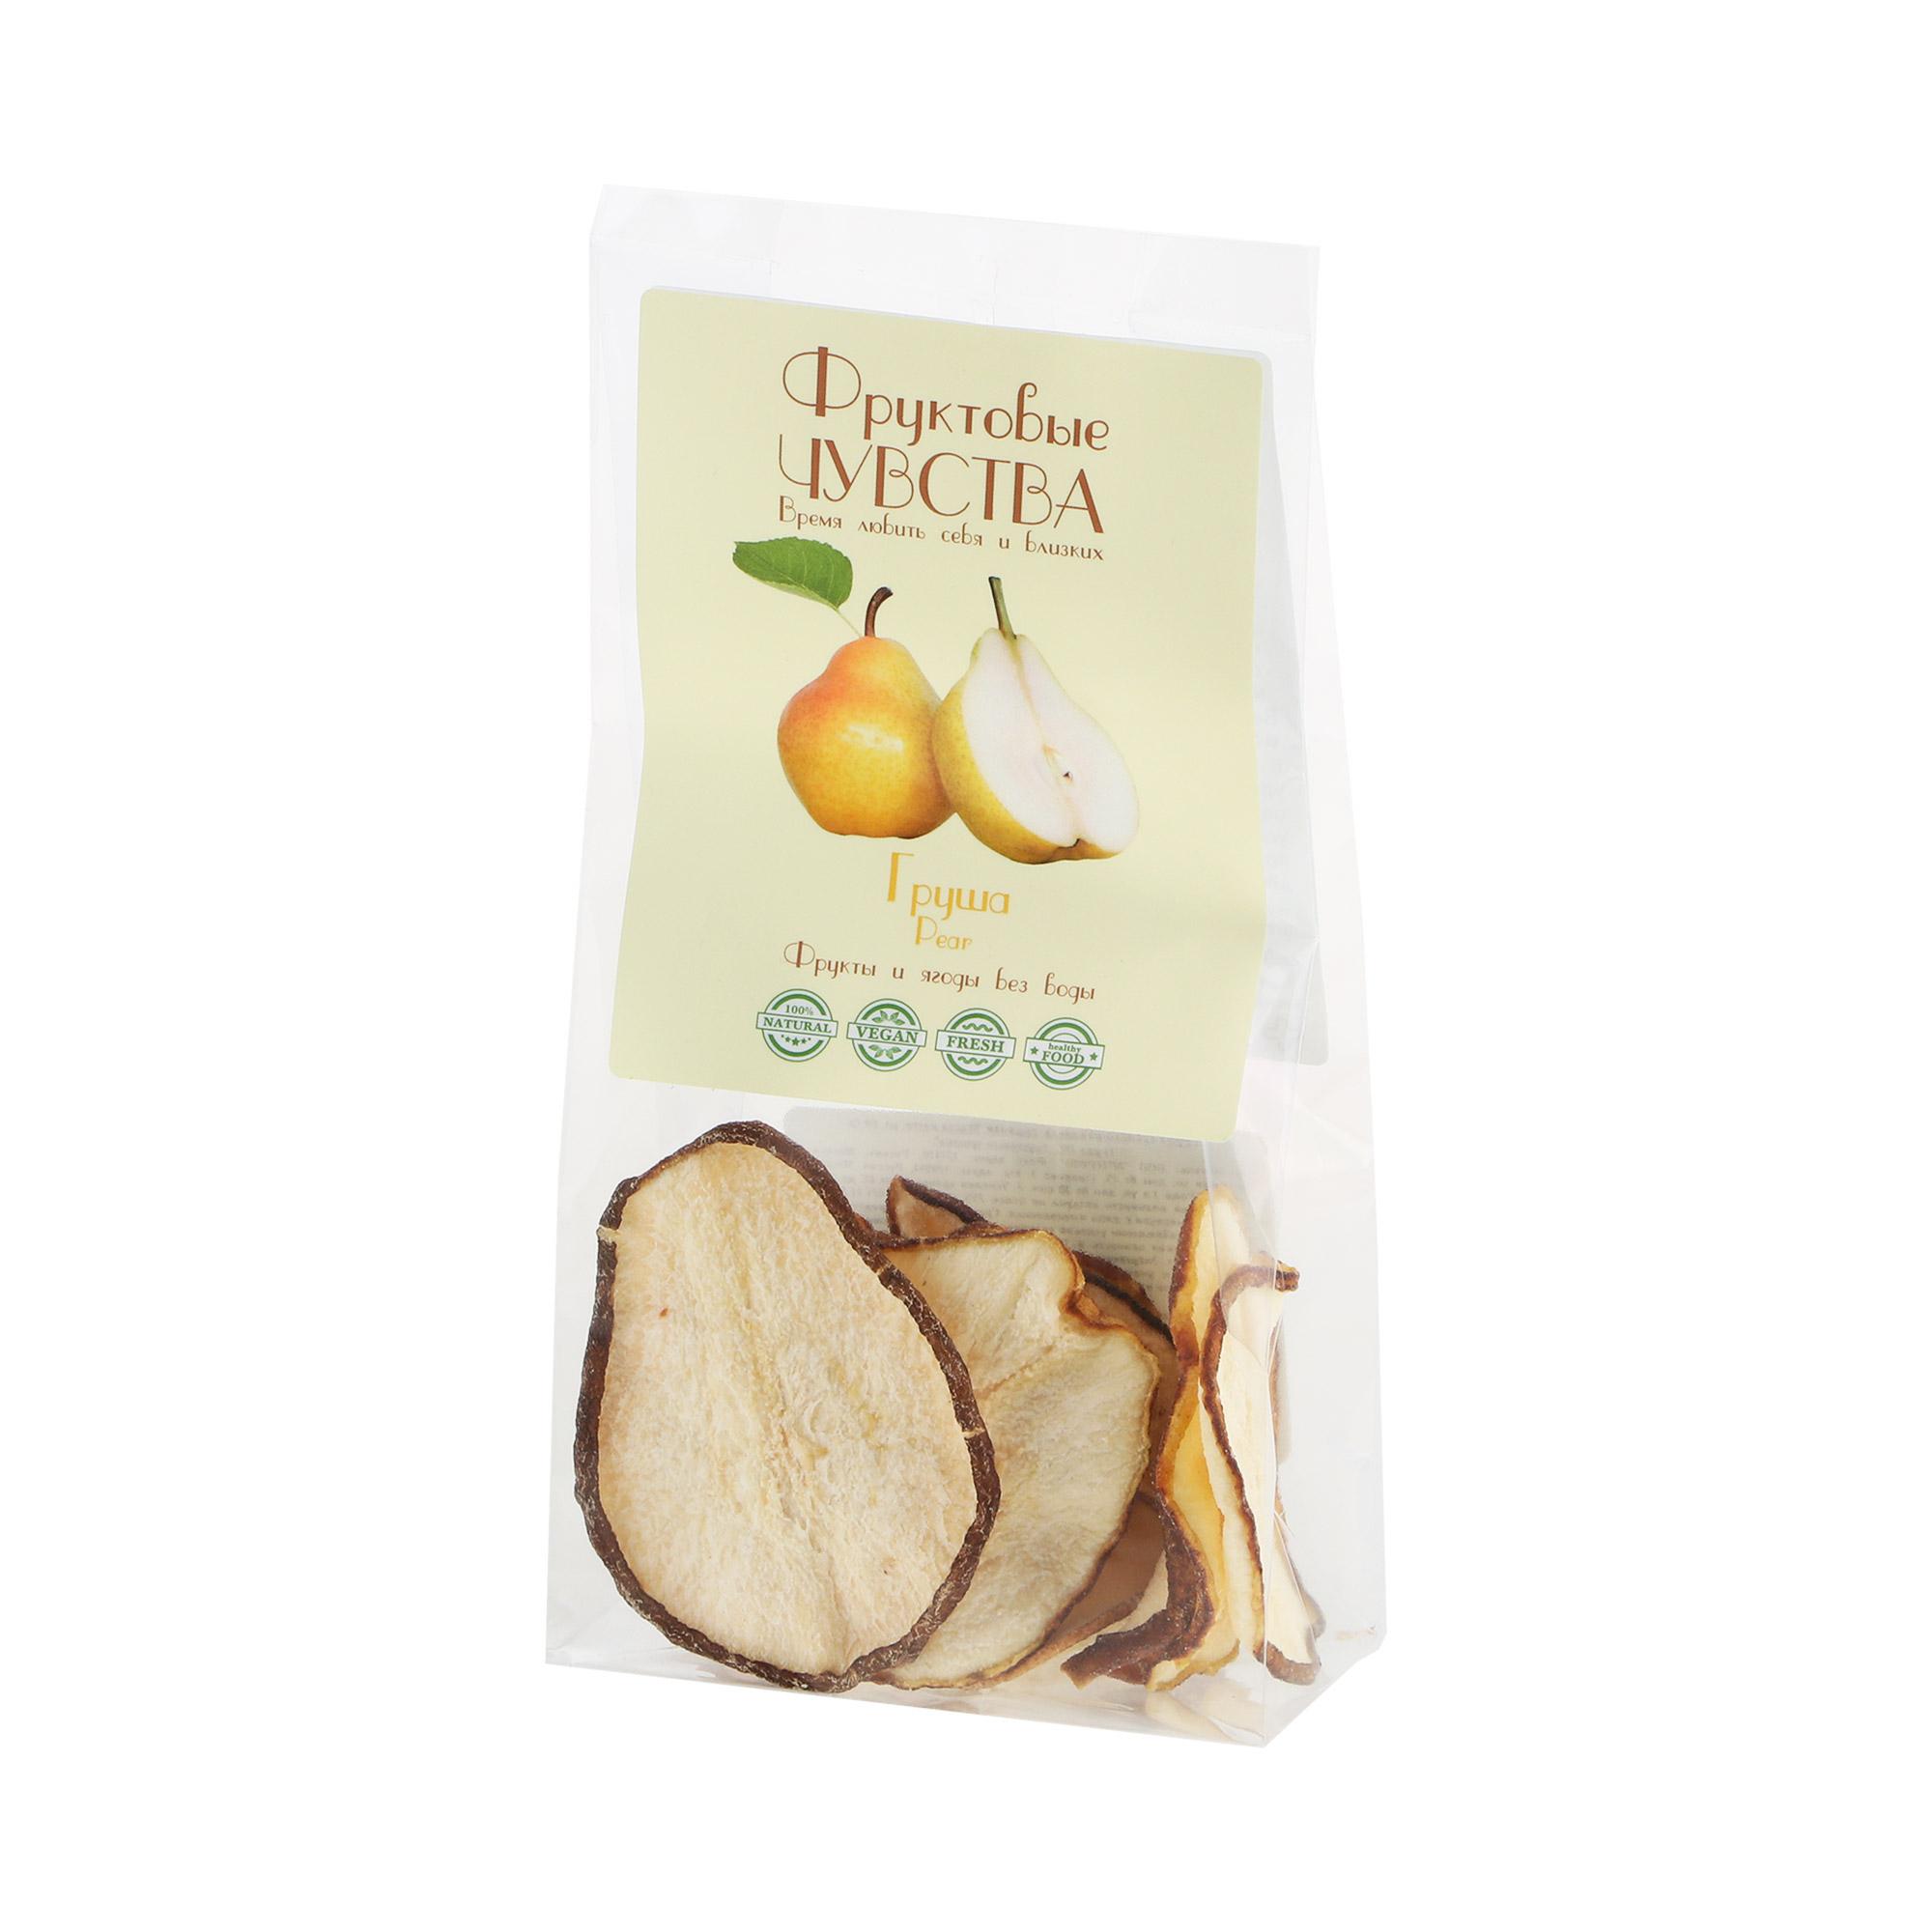 Груша Фруктовые чувства сублимированная 60 г малина сублимированная snack